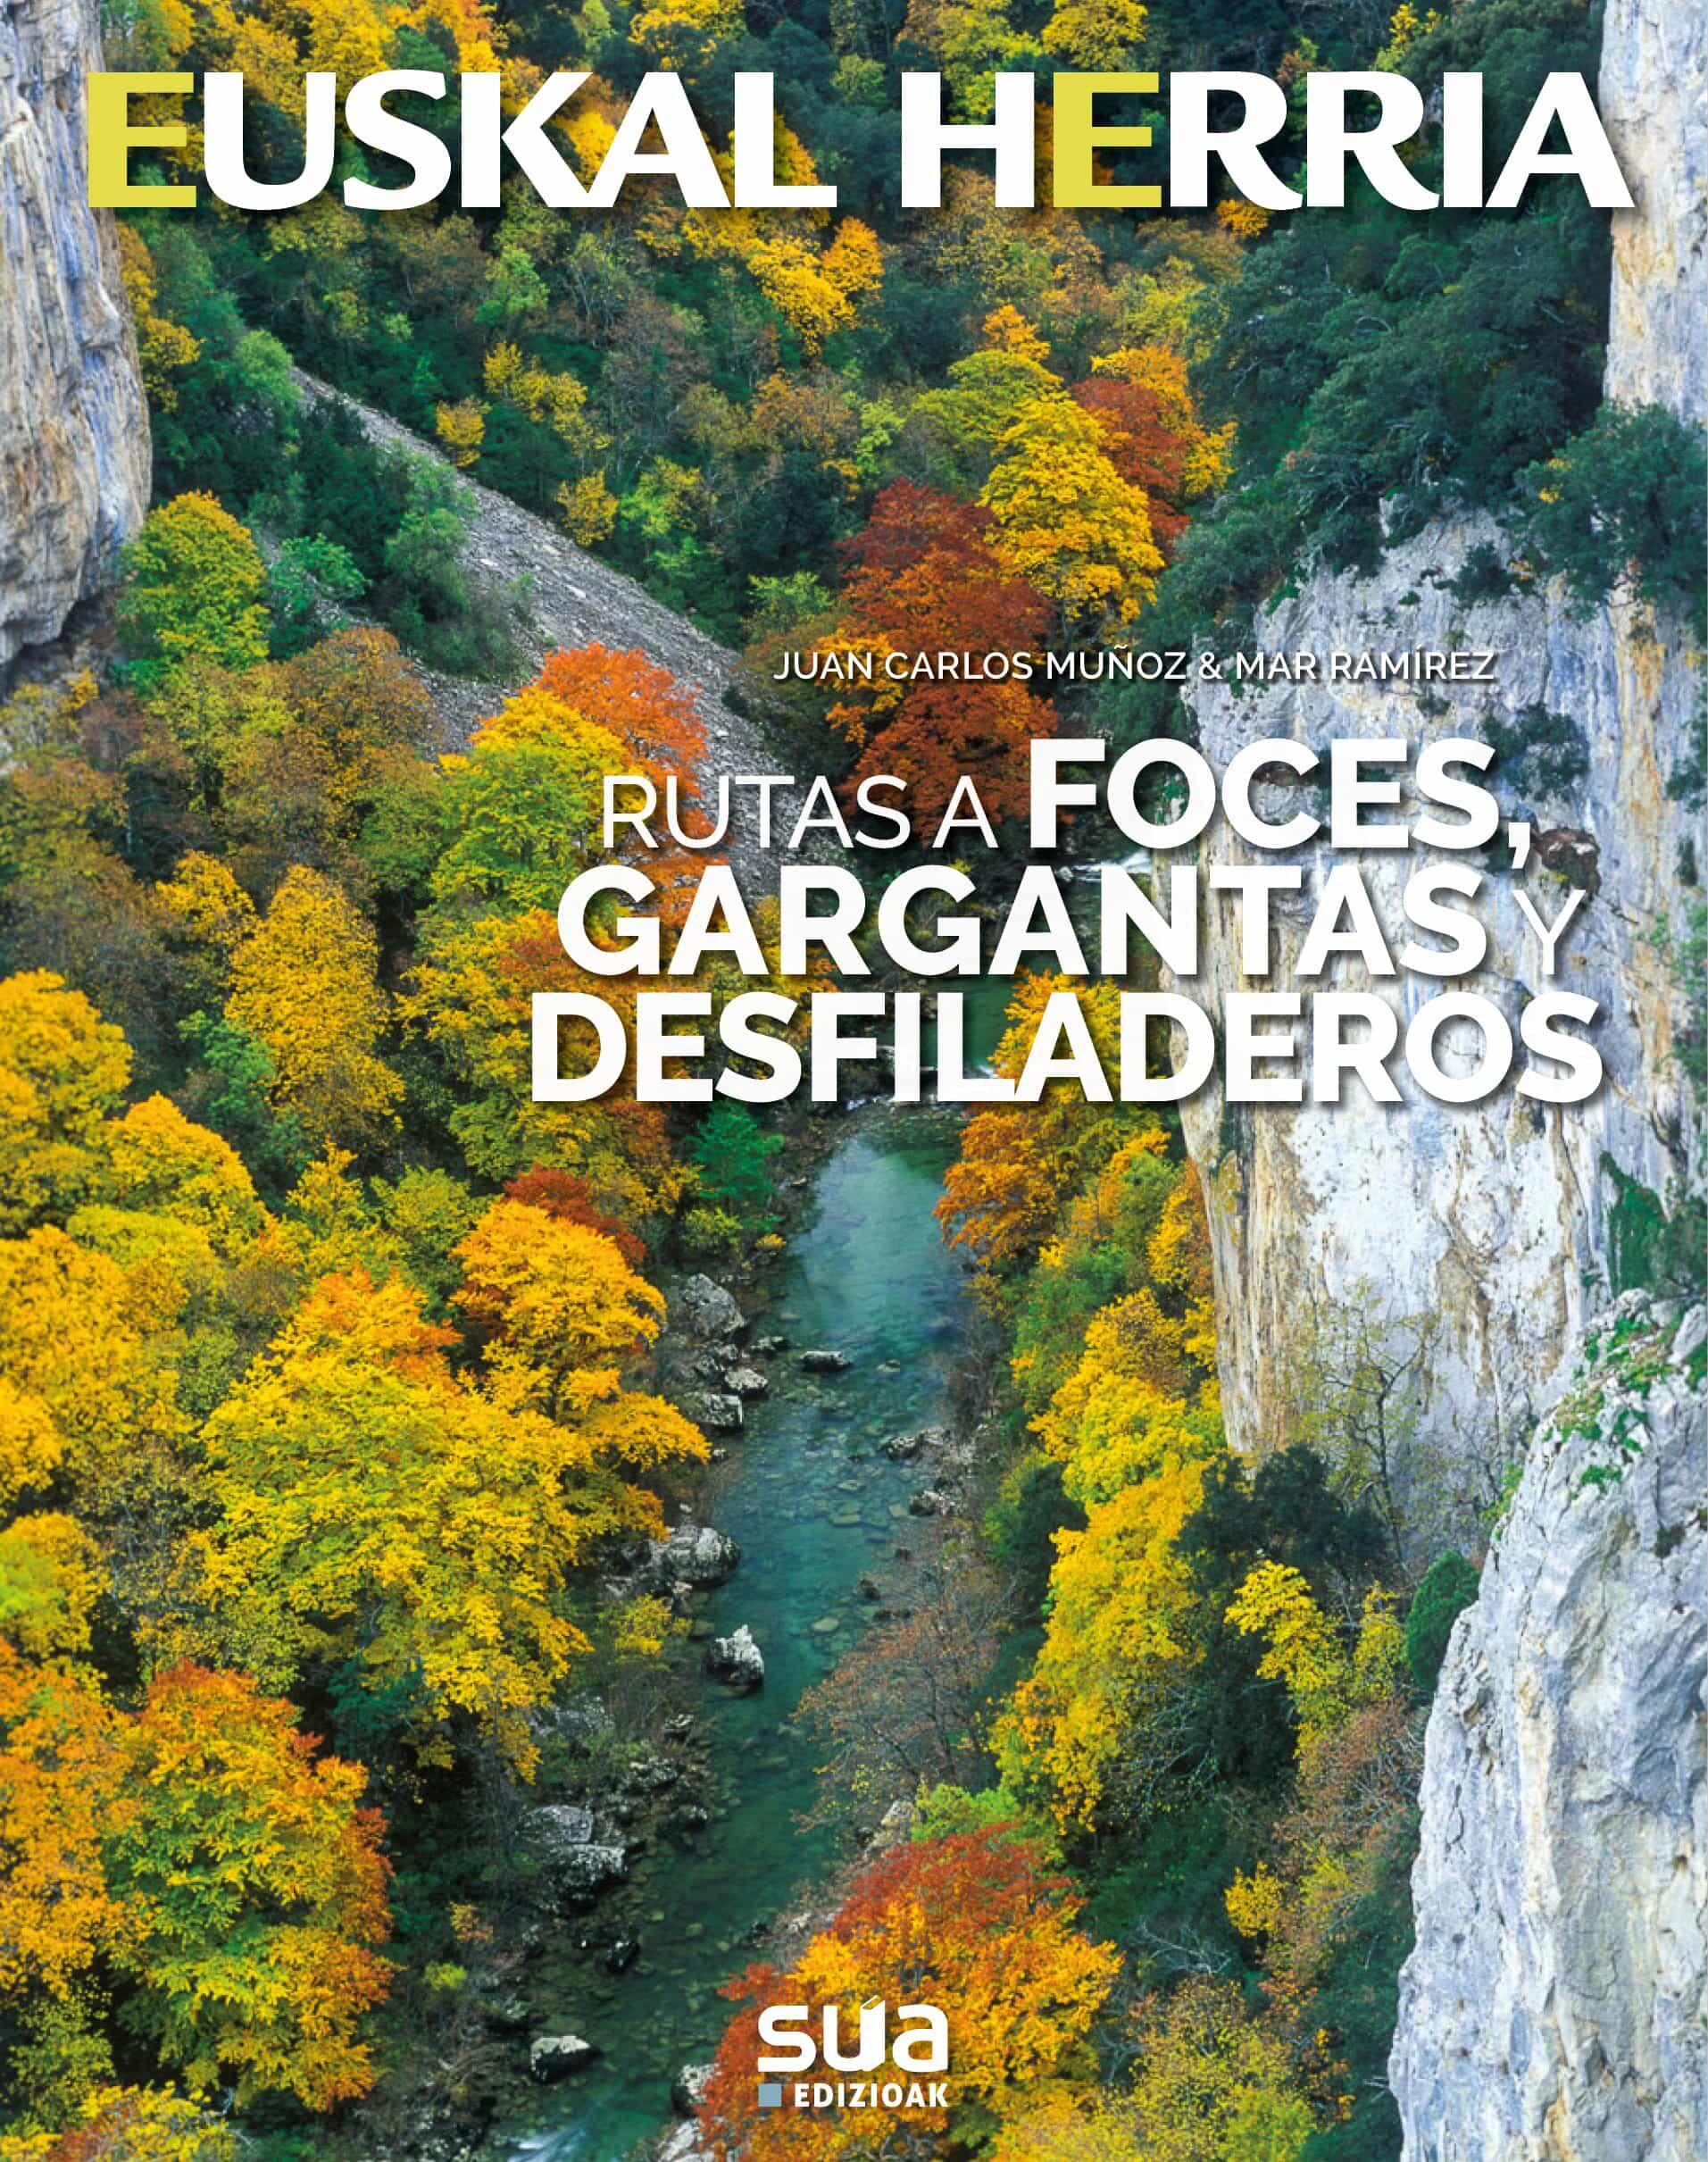 Rutas A Foces, Gargantas Y Desfiladeros por Juan Carlos Muñoz;                                                           Mar Ibañez